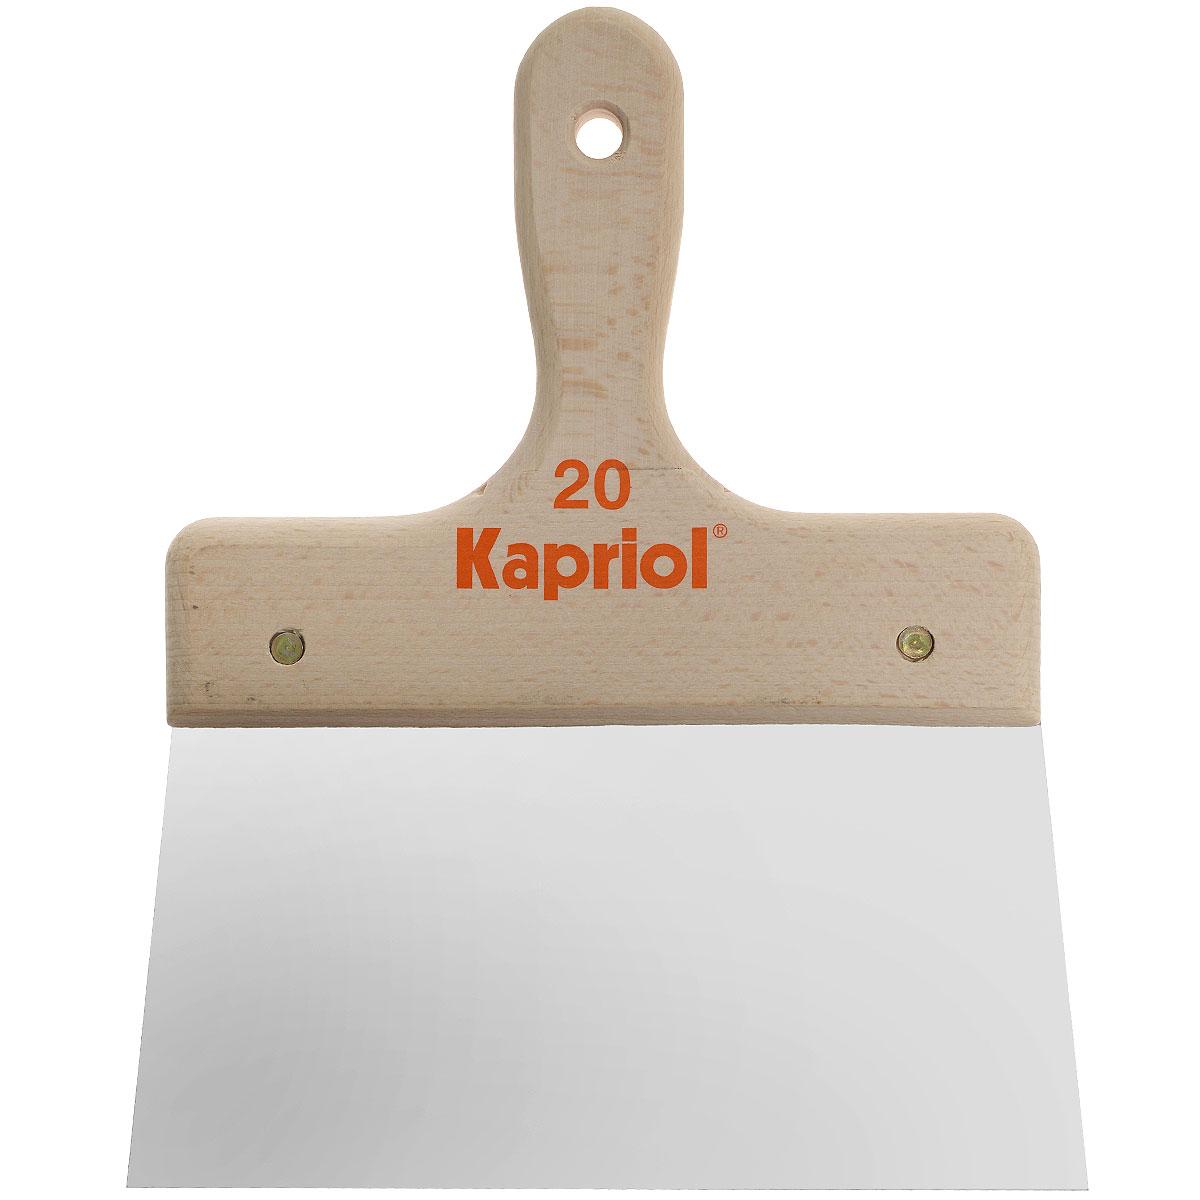 Шпатель полужесткий Kapriol, с деревянной ручкой, 20 см kapriol 100 мм 23203 жесткий кованый полированный шпатель